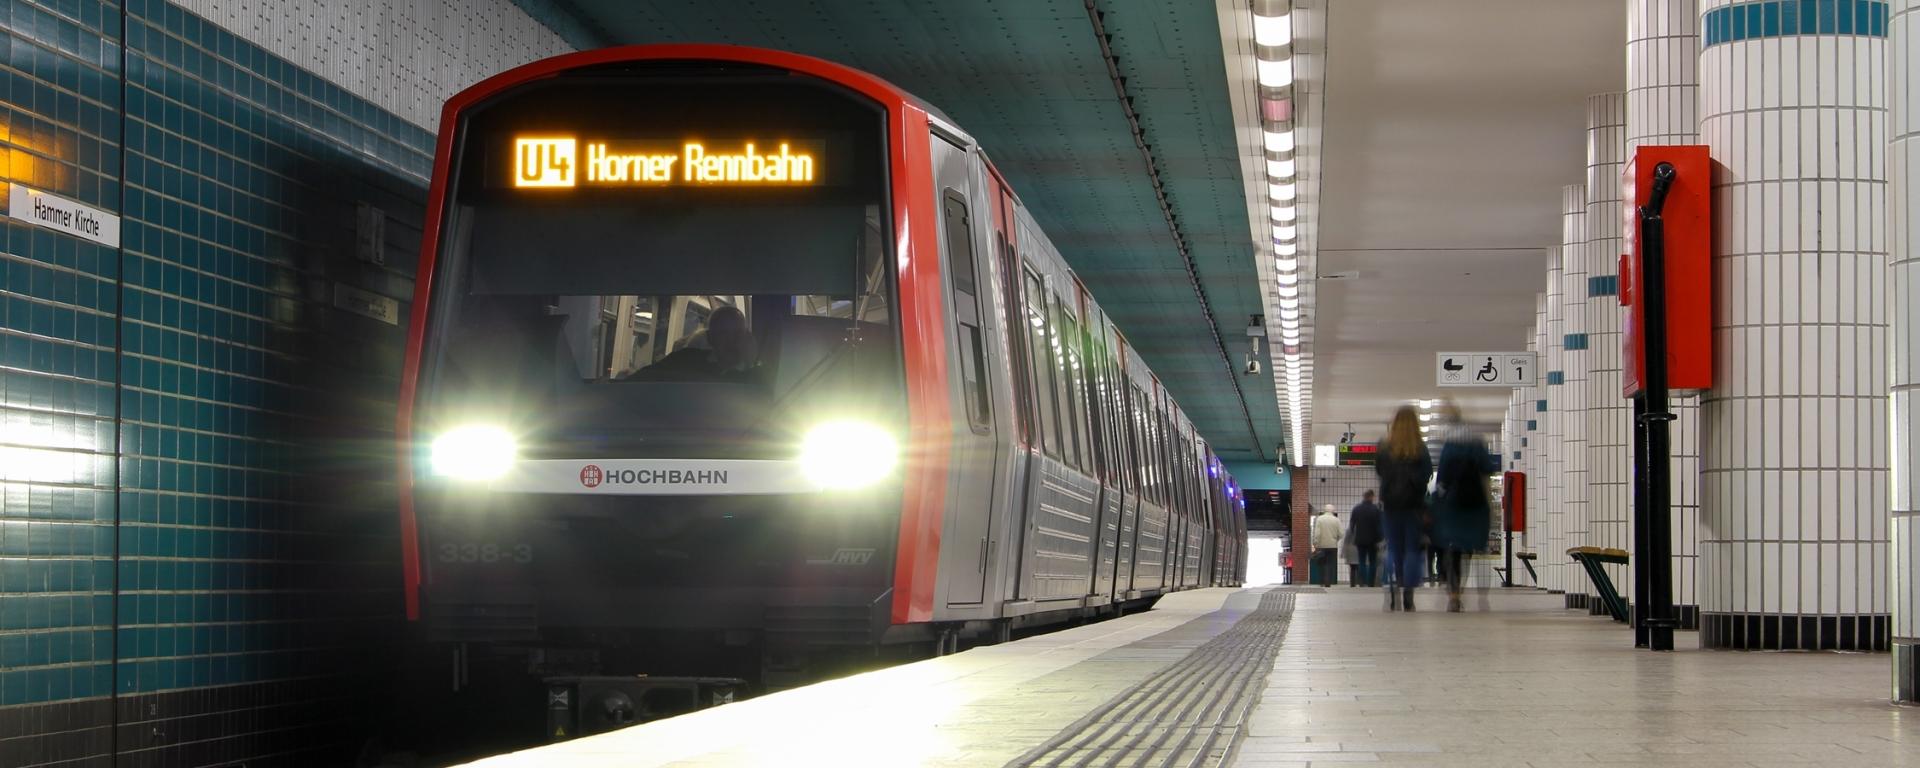 Wieder etwas Planbetrieb… DT5 338 wird in wenigen Momenten die Haltestelle Hammer Kirche verlassen, auf dem Weg zur Horner Rennbahn.